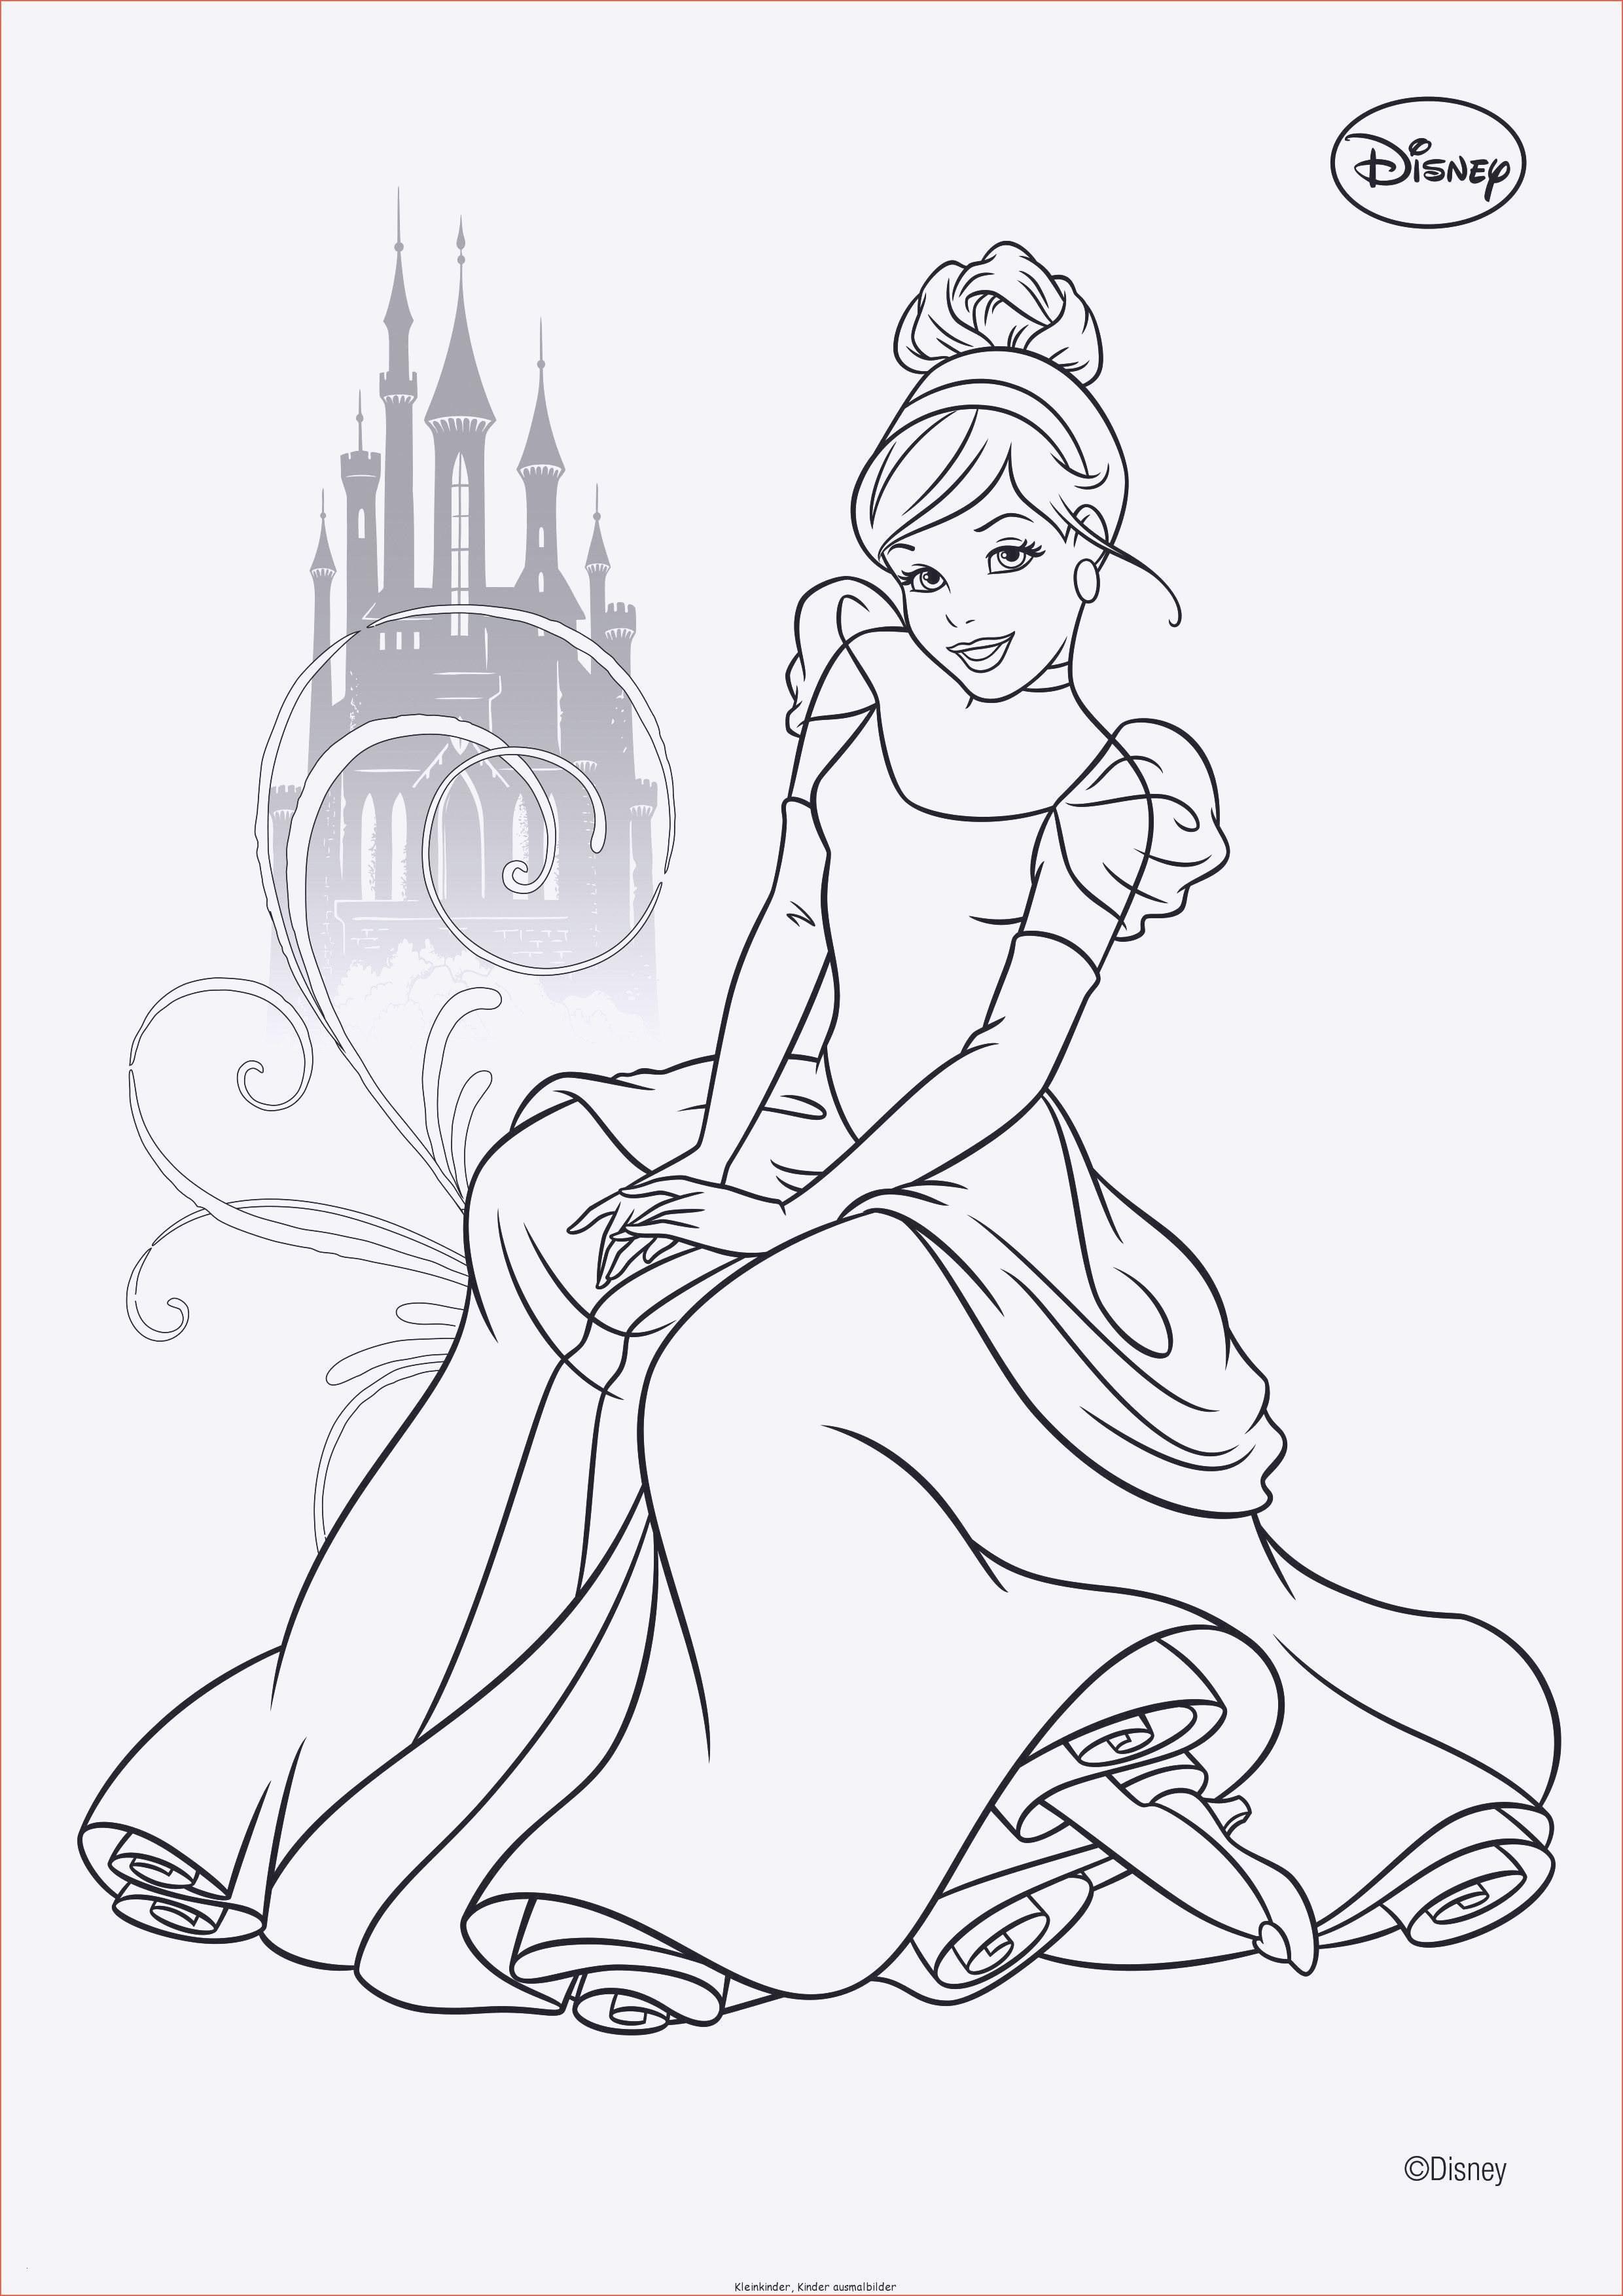 Ausmalbilder Emily Erdbeer Frisch 28 Genial Ausmalbilder Prinzessin Mit Pferd Mickeycarrollmunchkin Sammlung